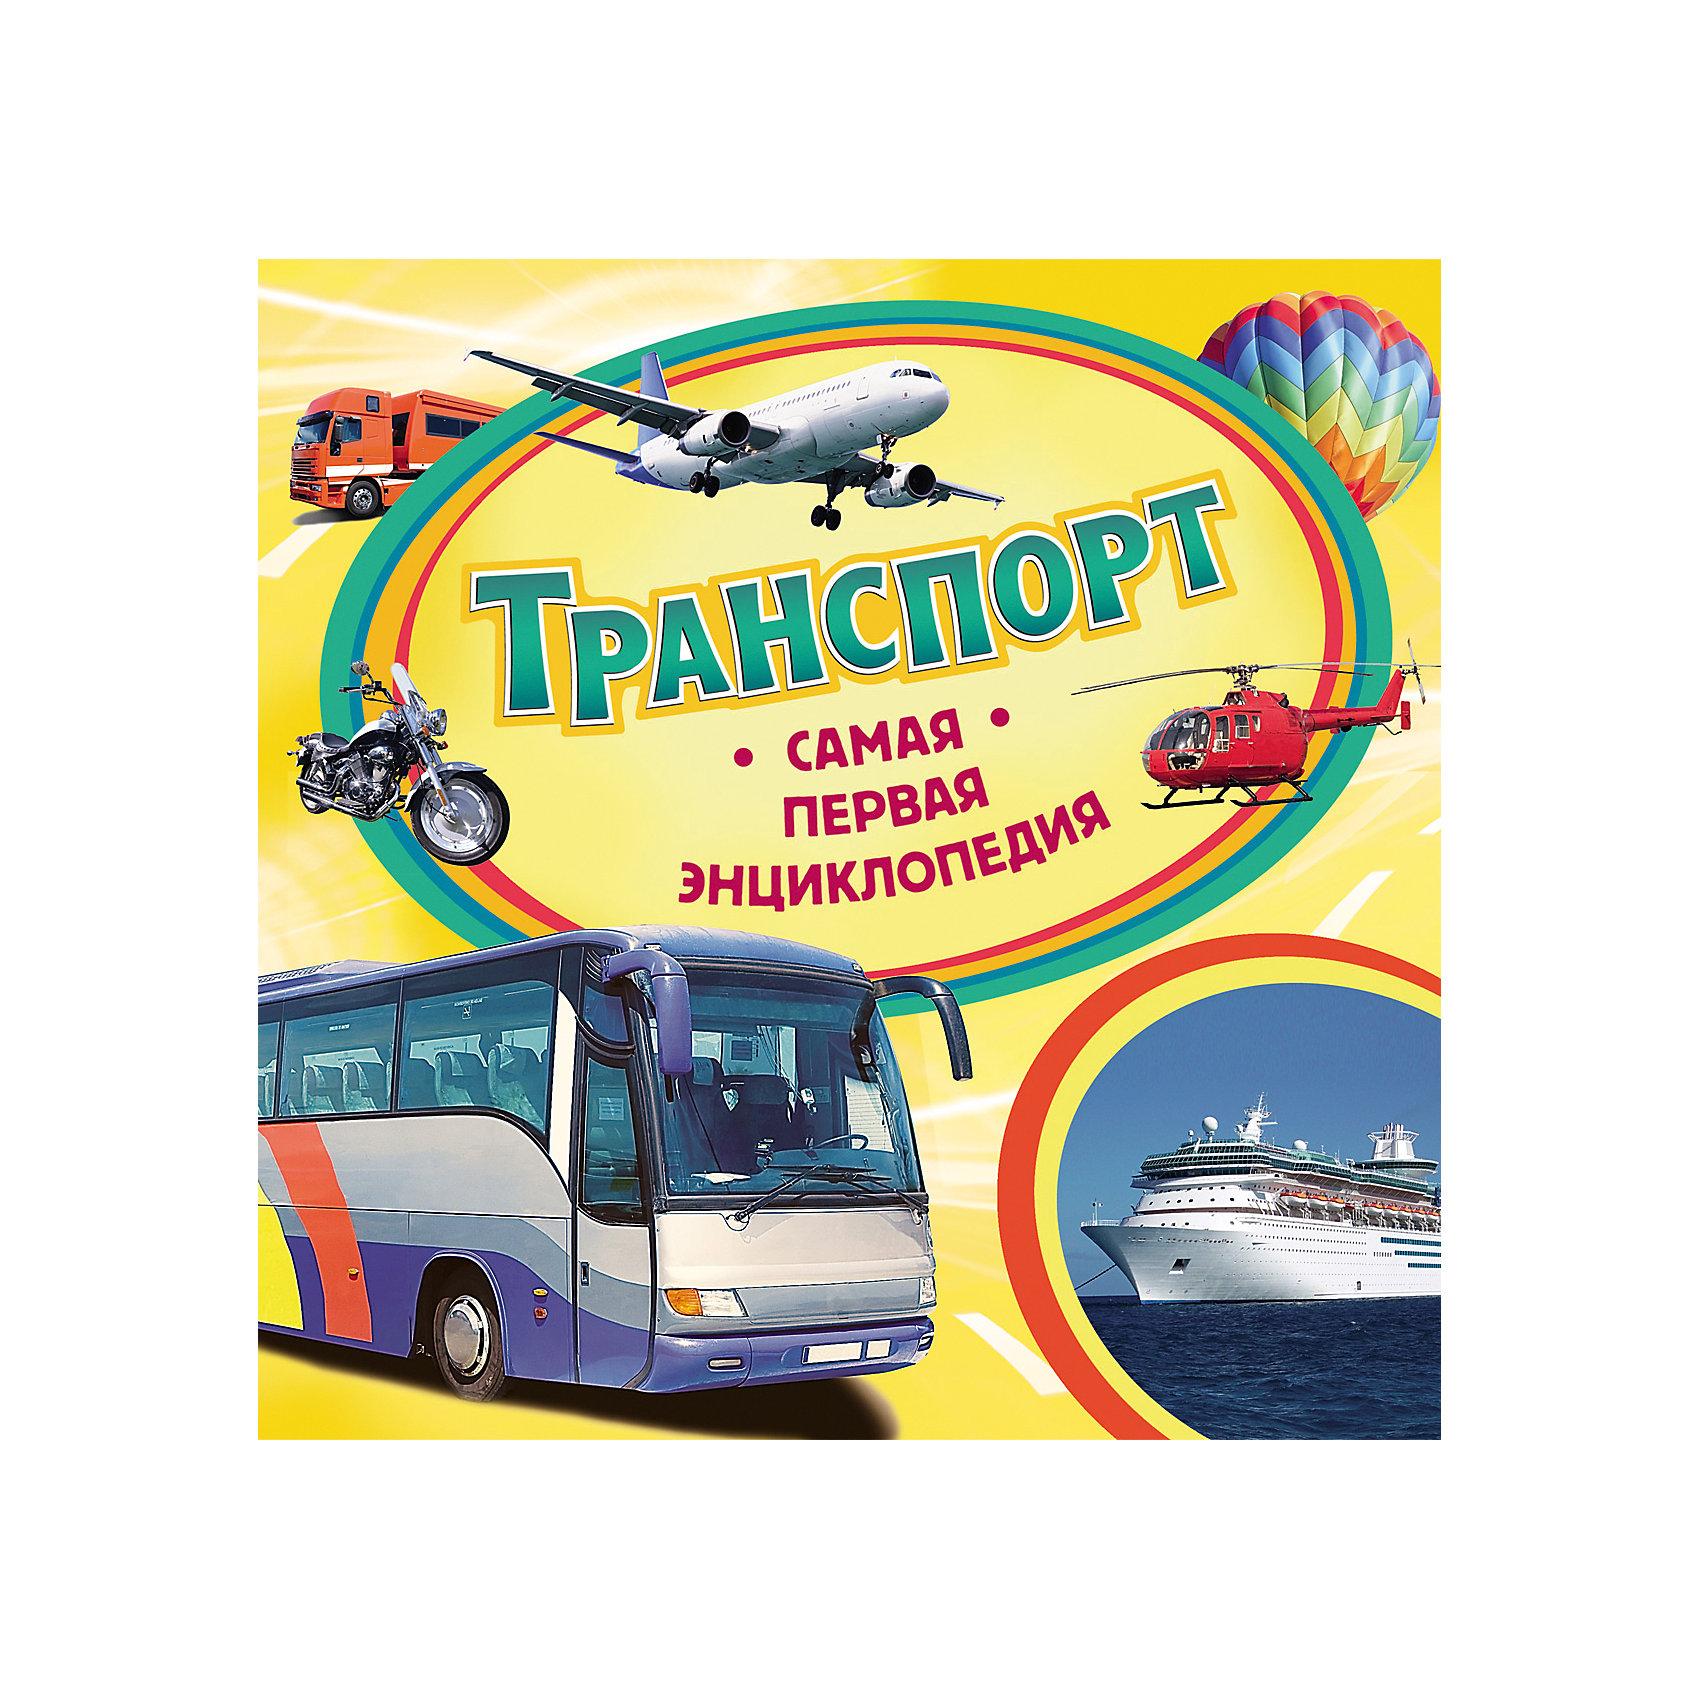 Самая первая энциклопедия ТранспортЭнциклопедии для малышей<br>Самая первая энциклопедия Транспорт <br><br>Характеристики:<br><br>- издательство Росмэн<br>- количество страниц: 36<br>- формат: 23 * 0,8 * 23 см.<br>- Тип обложки: 7Бц – твердая целлофинированная<br>- Иллюстрации: цветные<br>- вес: 300 гр.<br><br>Книга Транспорт из серии Самая первая энциклопедия придет по вкусу как любителям серии, так и новичкам. Эта детская книга включает в себя множество цветных иллюстраций, которые делают информацию в книге интересной, наглядной и запоминающейся. Книга расскажет о самых важных видах транспорта от кораблей, до самолетов. Энциклопедия содержит информацию о современных автомобилях и поездах, рассказывая как осуществляется сообщение поездов и дорожное движение. Вопросы почемучки теперь решать легче с помощью этой книги. Энциклопедия поможет малышу узнать мир больше, расширить кругозор и словарный запас. <br><br>Самую первую энциклопедию Транспорт можно купить в нашем интернет-магазине.<br><br>Ширина мм: 225<br>Глубина мм: 225<br>Высота мм: 8<br>Вес г: 302<br>Возраст от месяцев: 36<br>Возраст до месяцев: 72<br>Пол: Унисекс<br>Возраст: Детский<br>SKU: 5109711